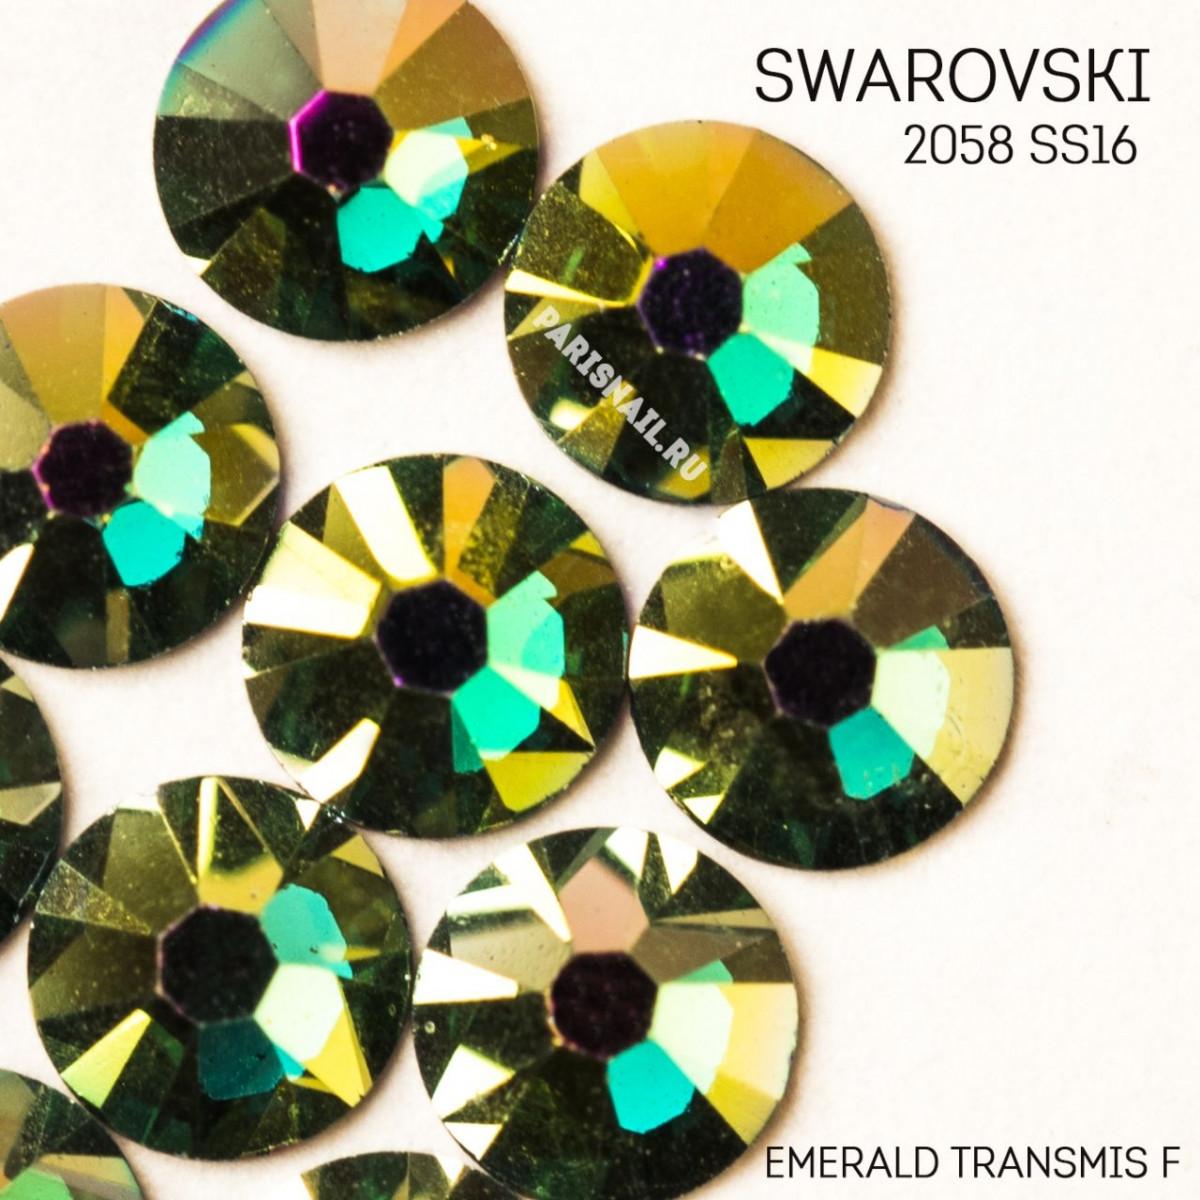 """Стразы """"Swarovski""""  2058 SS16 EMERALD TRANSMIS F - 10шт"""